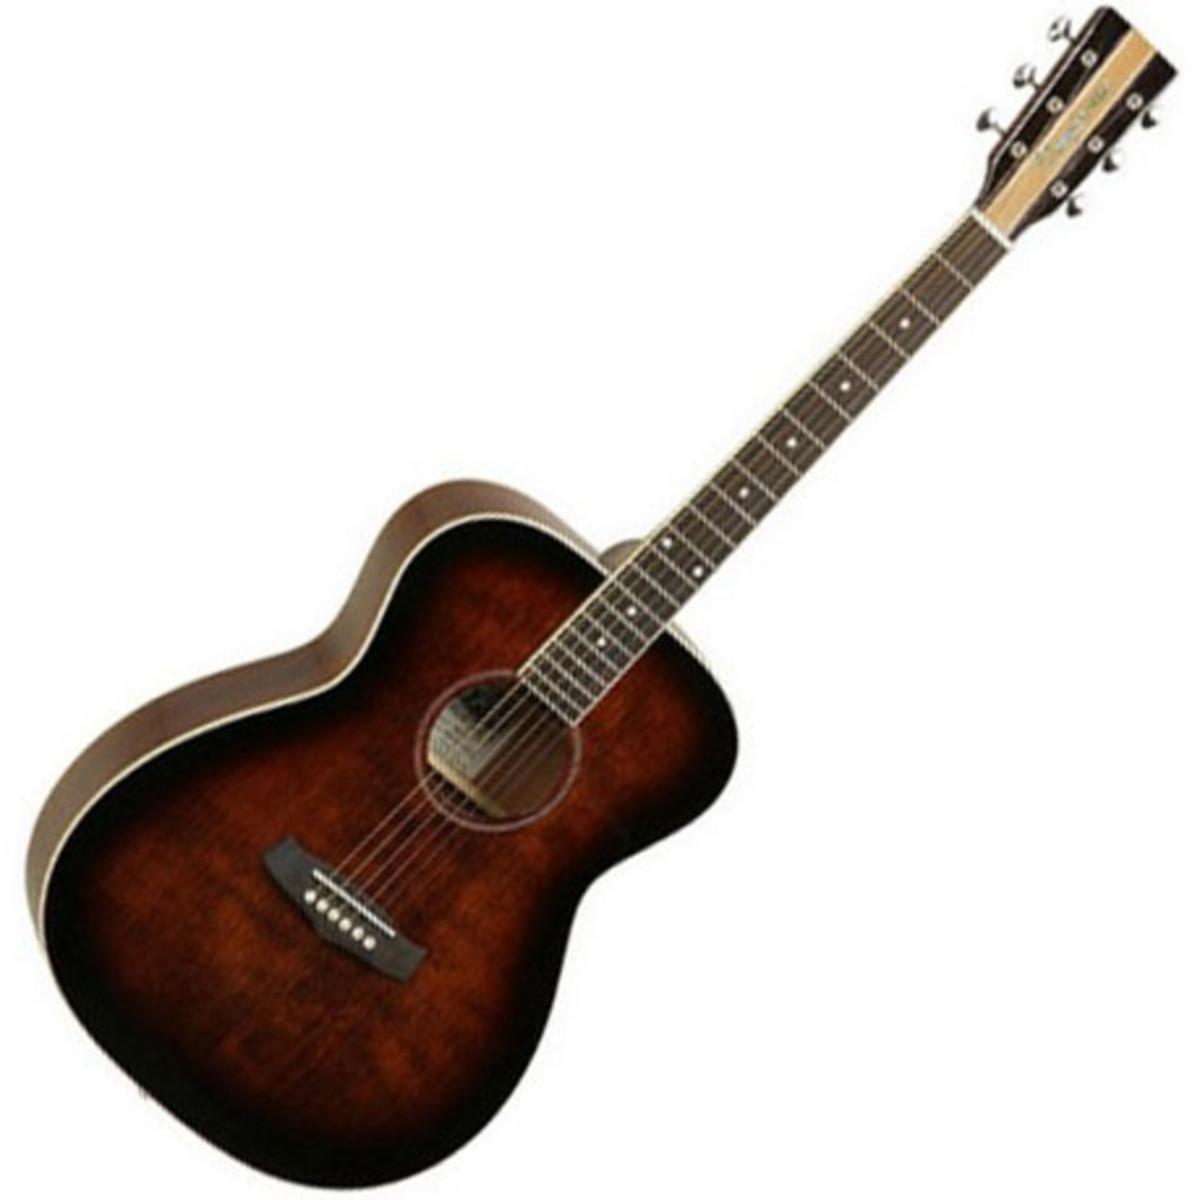 disctanglewood tnfav nashville iv folk guitare acoustique. Black Bedroom Furniture Sets. Home Design Ideas